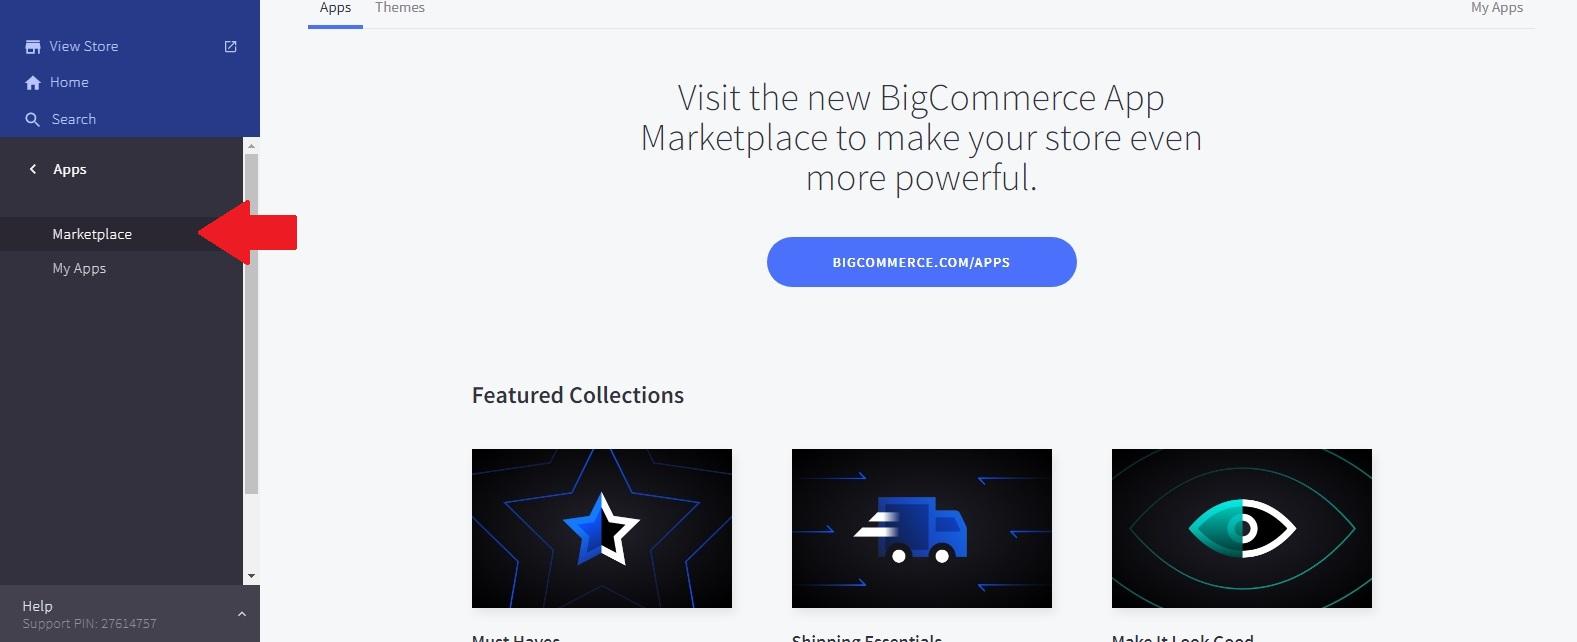 BigCommerce Marketplace page